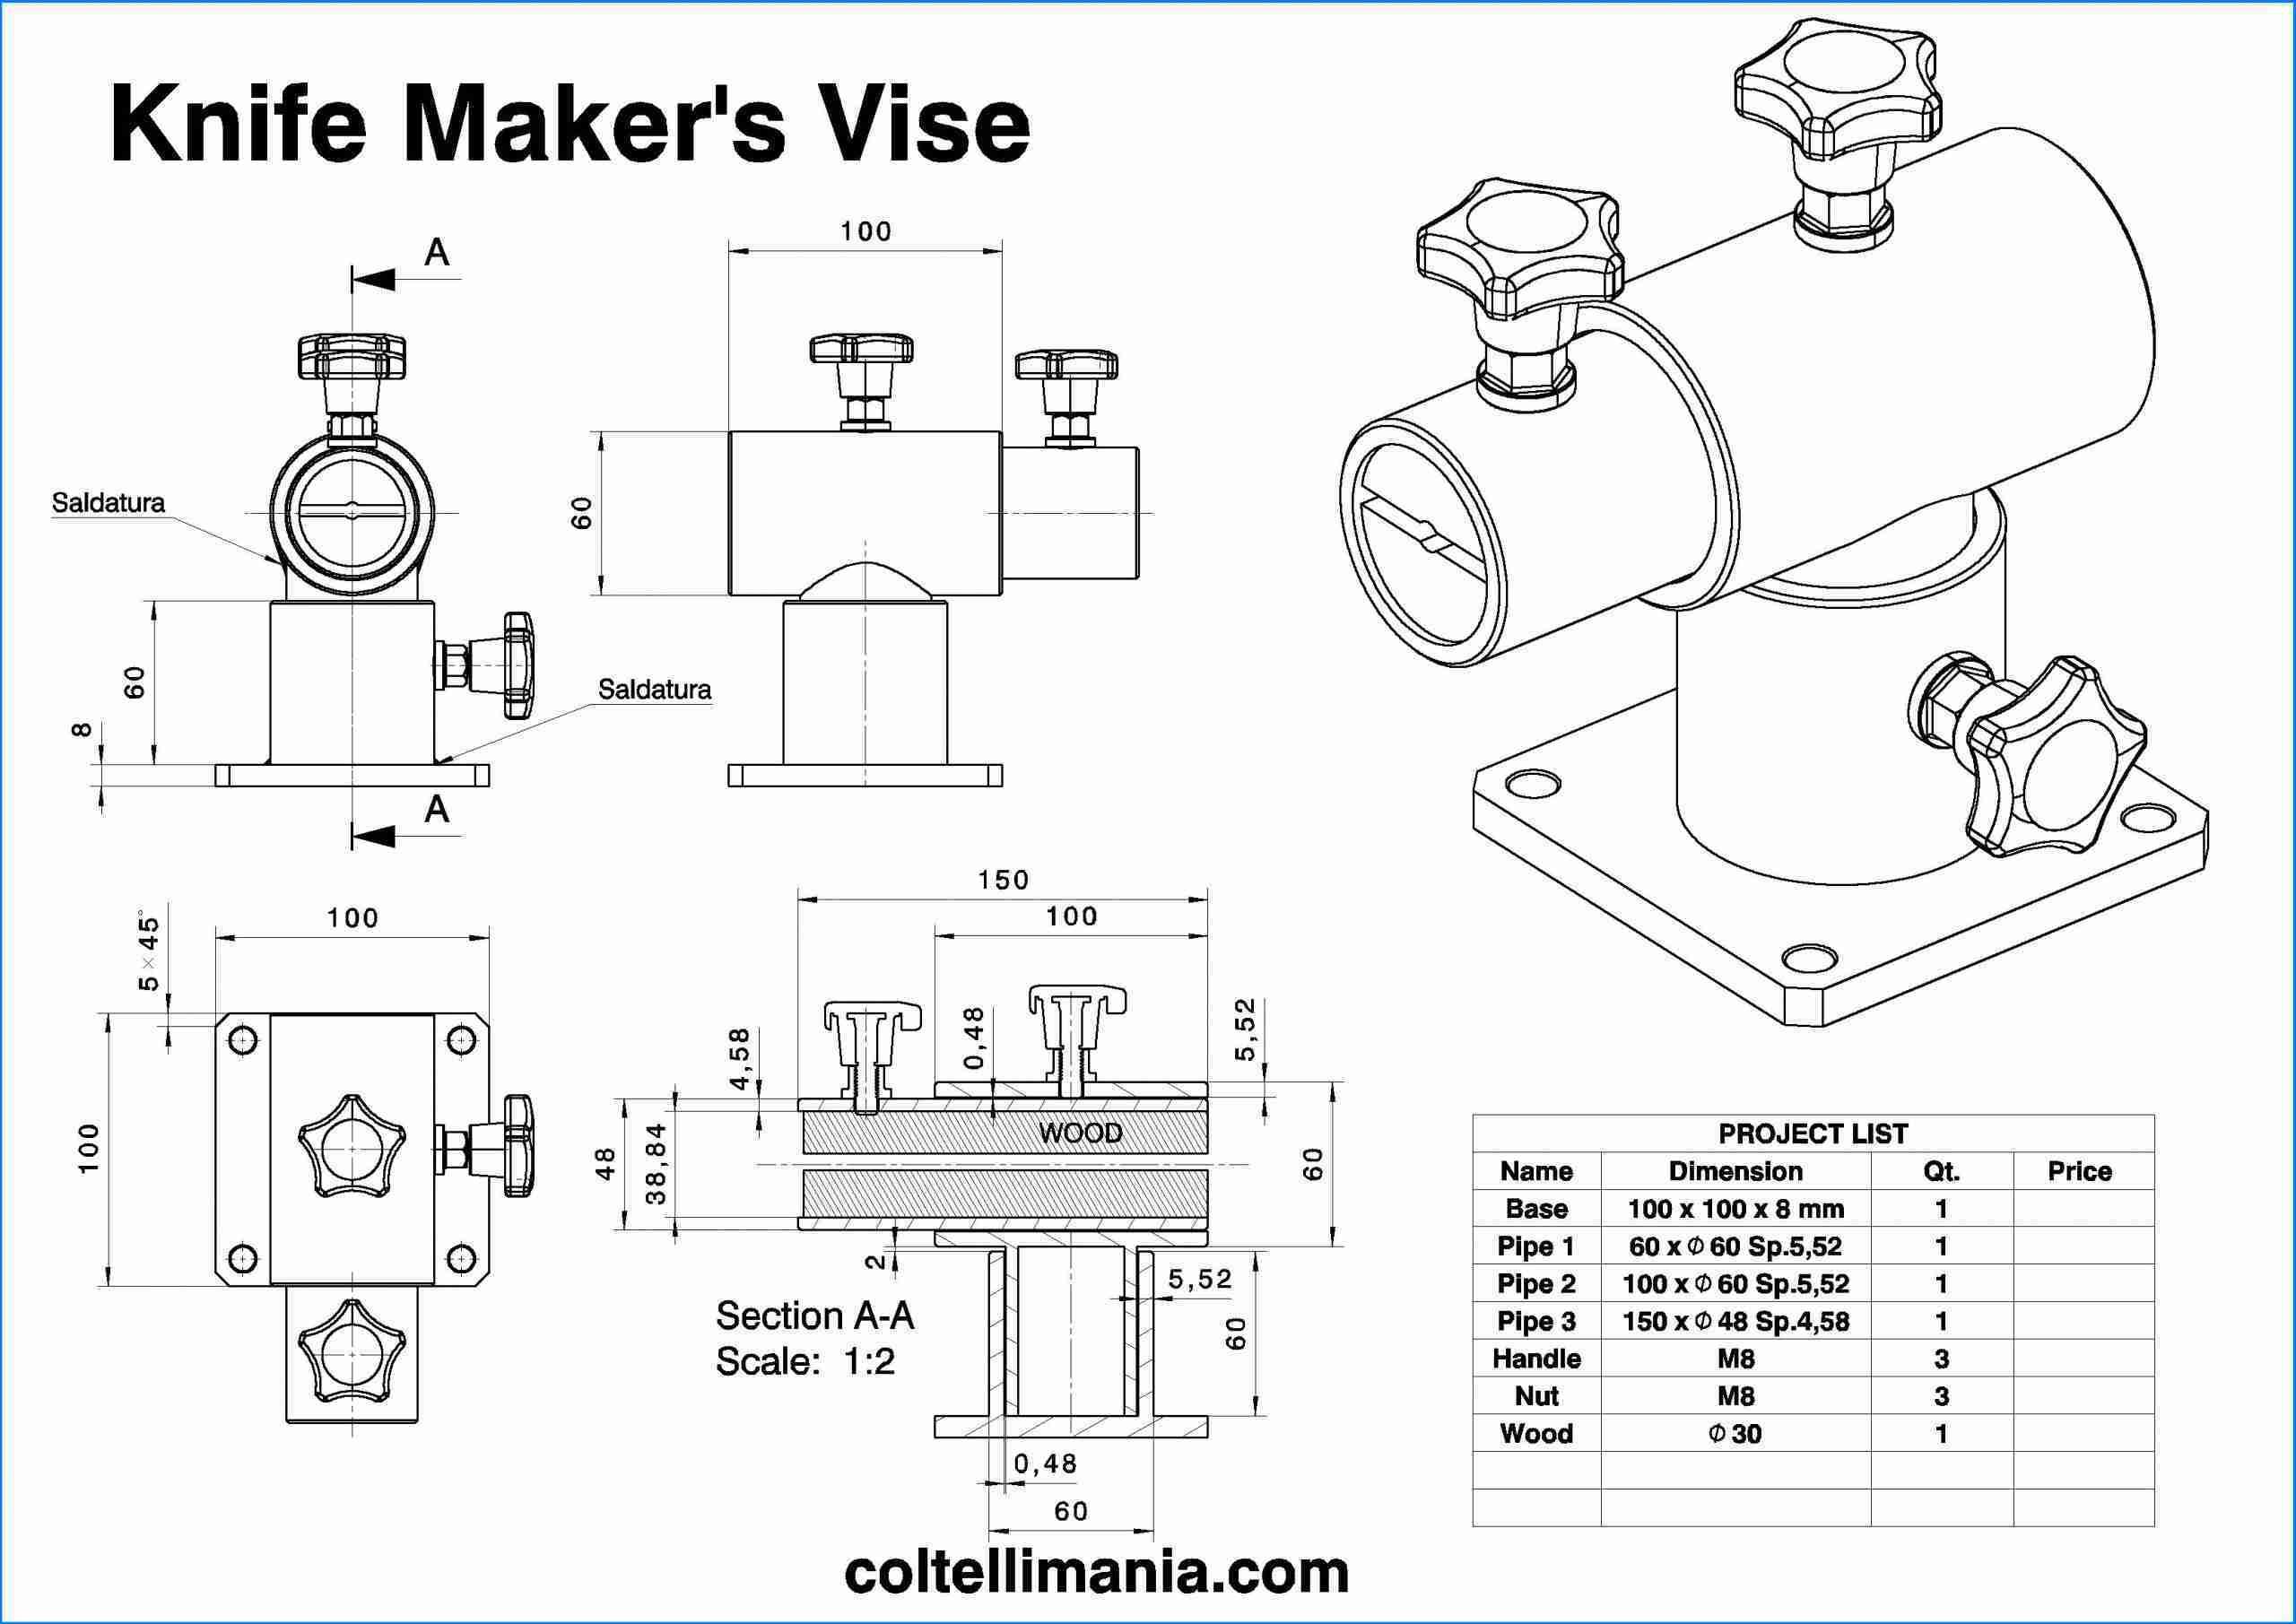 Knife Maker Vise Project